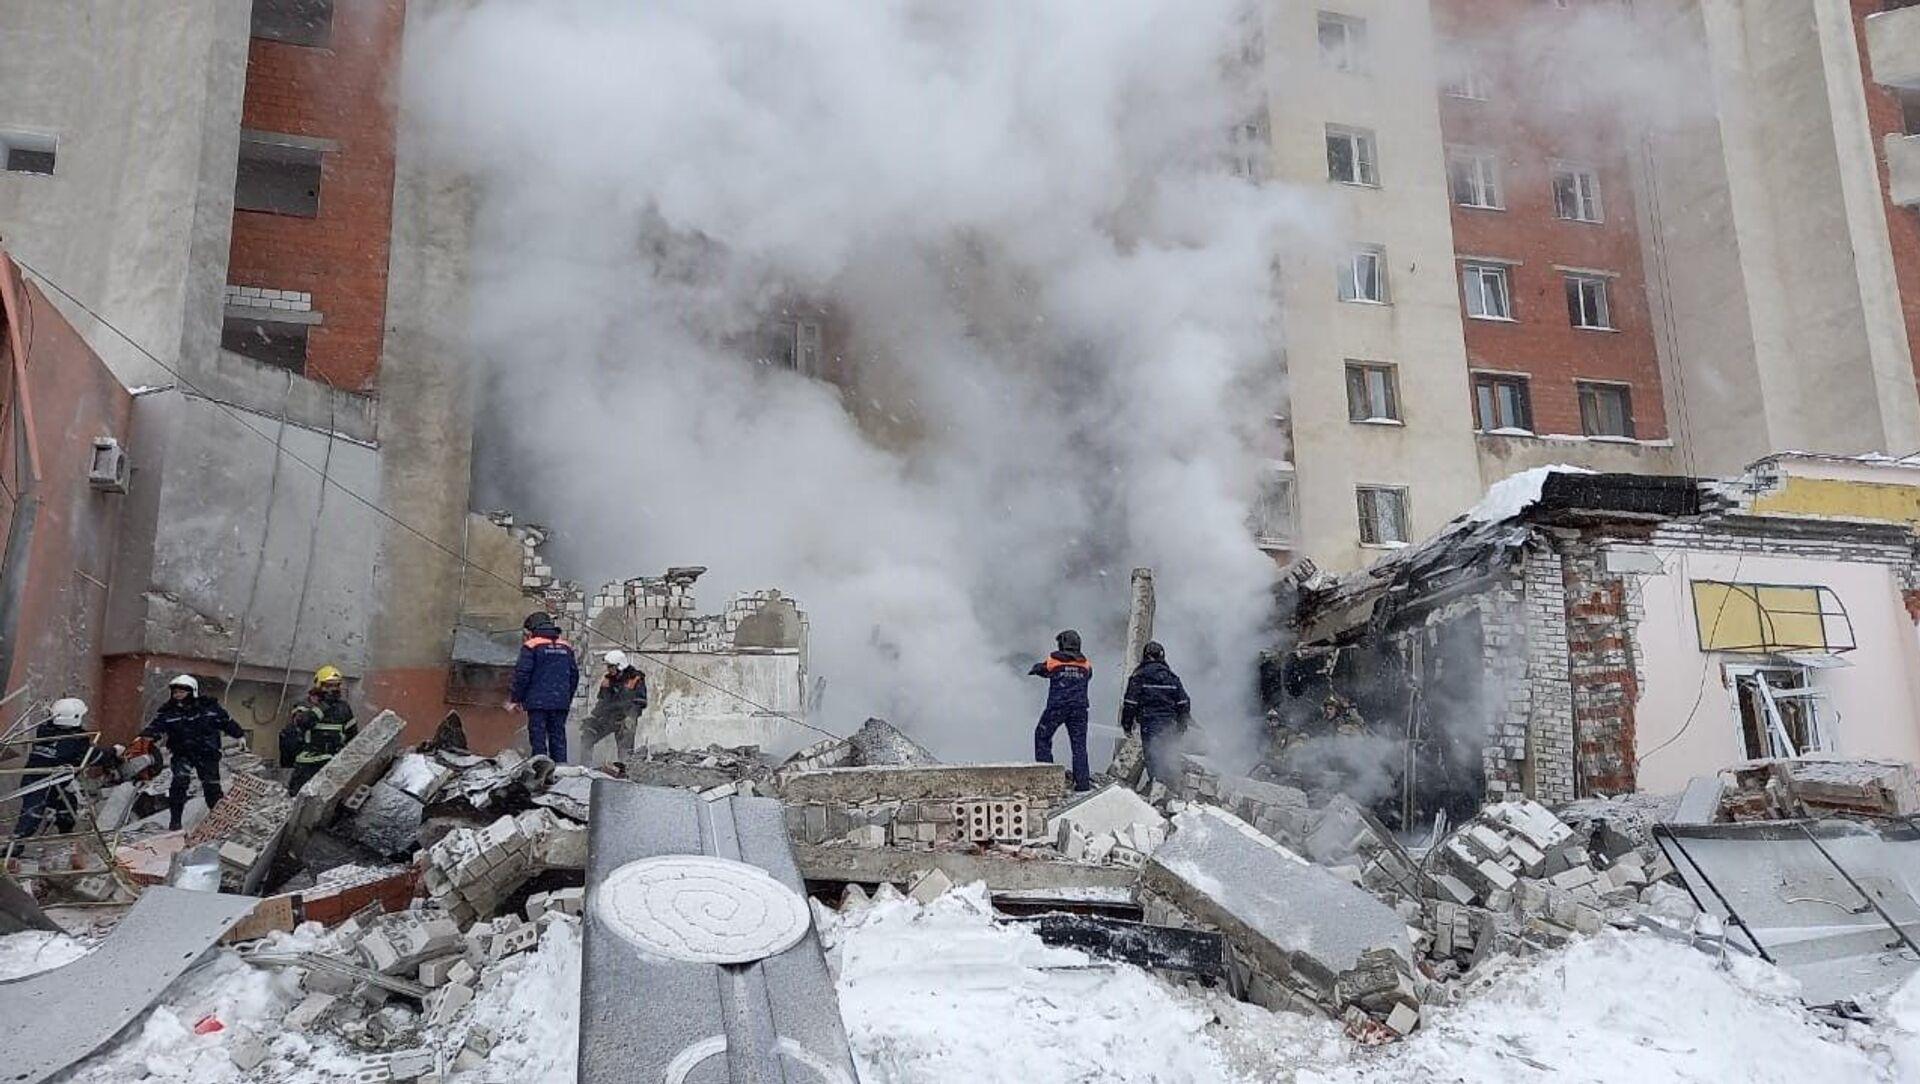 Wybuch w budynku mieszkalnym w Niżnym Nowogrodzie - Sputnik Polska, 1920, 26.02.2021